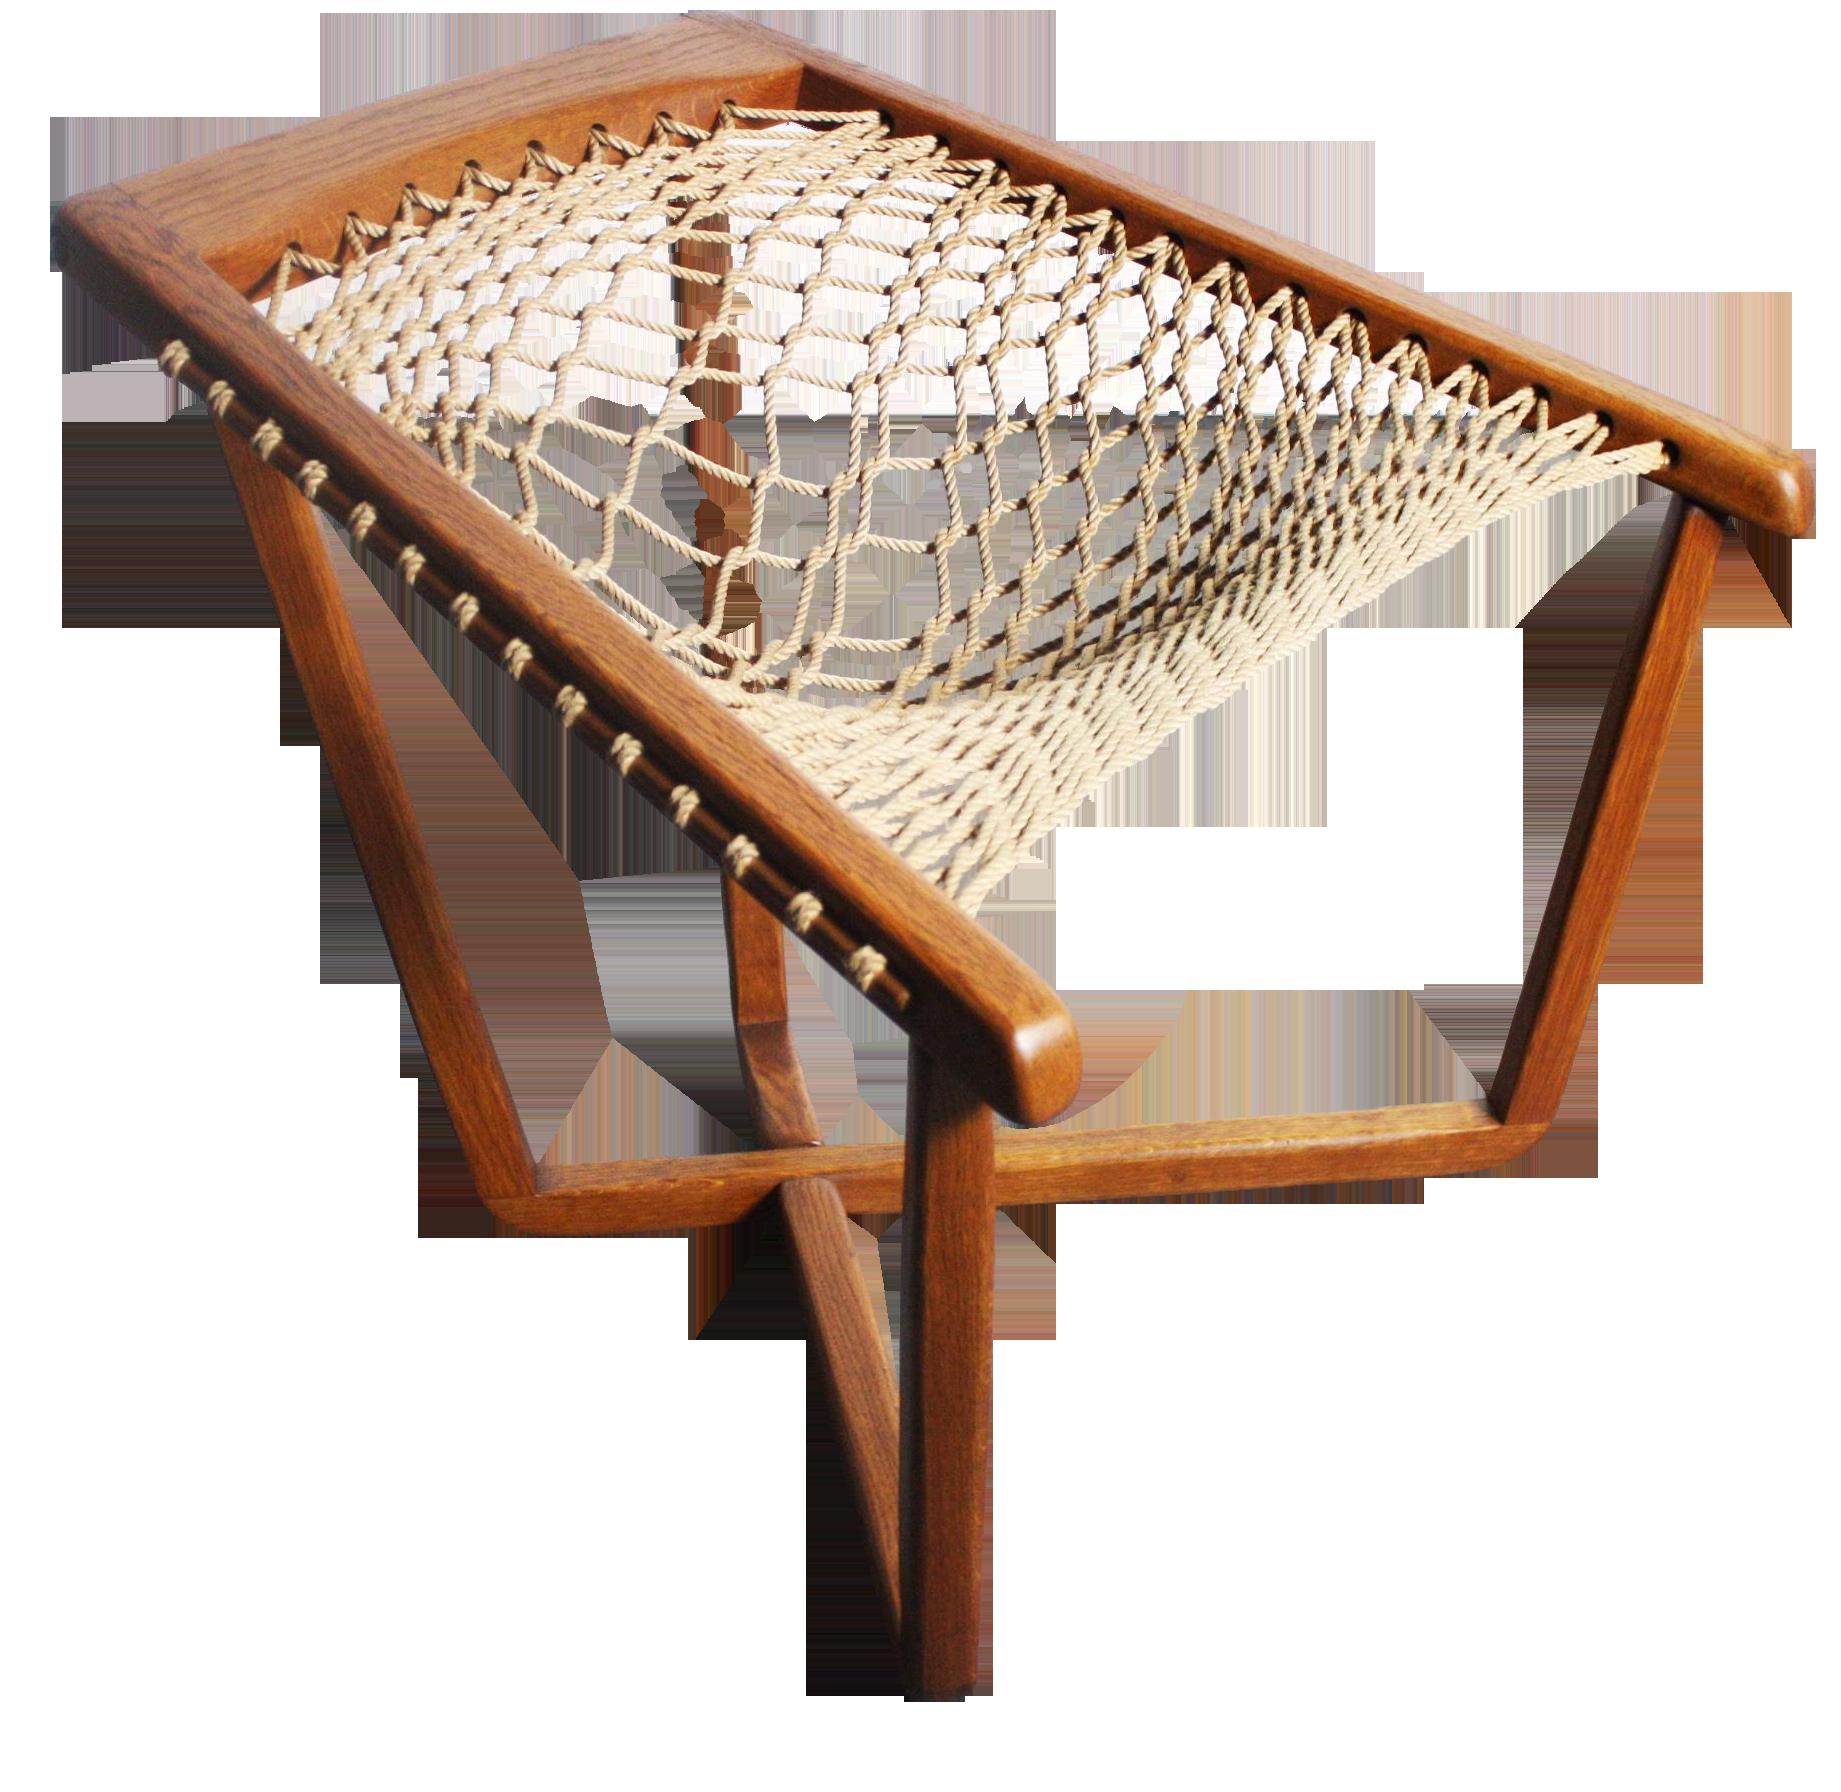 Rare Teak Cross Frame Mid Century Rope Chair Chairish